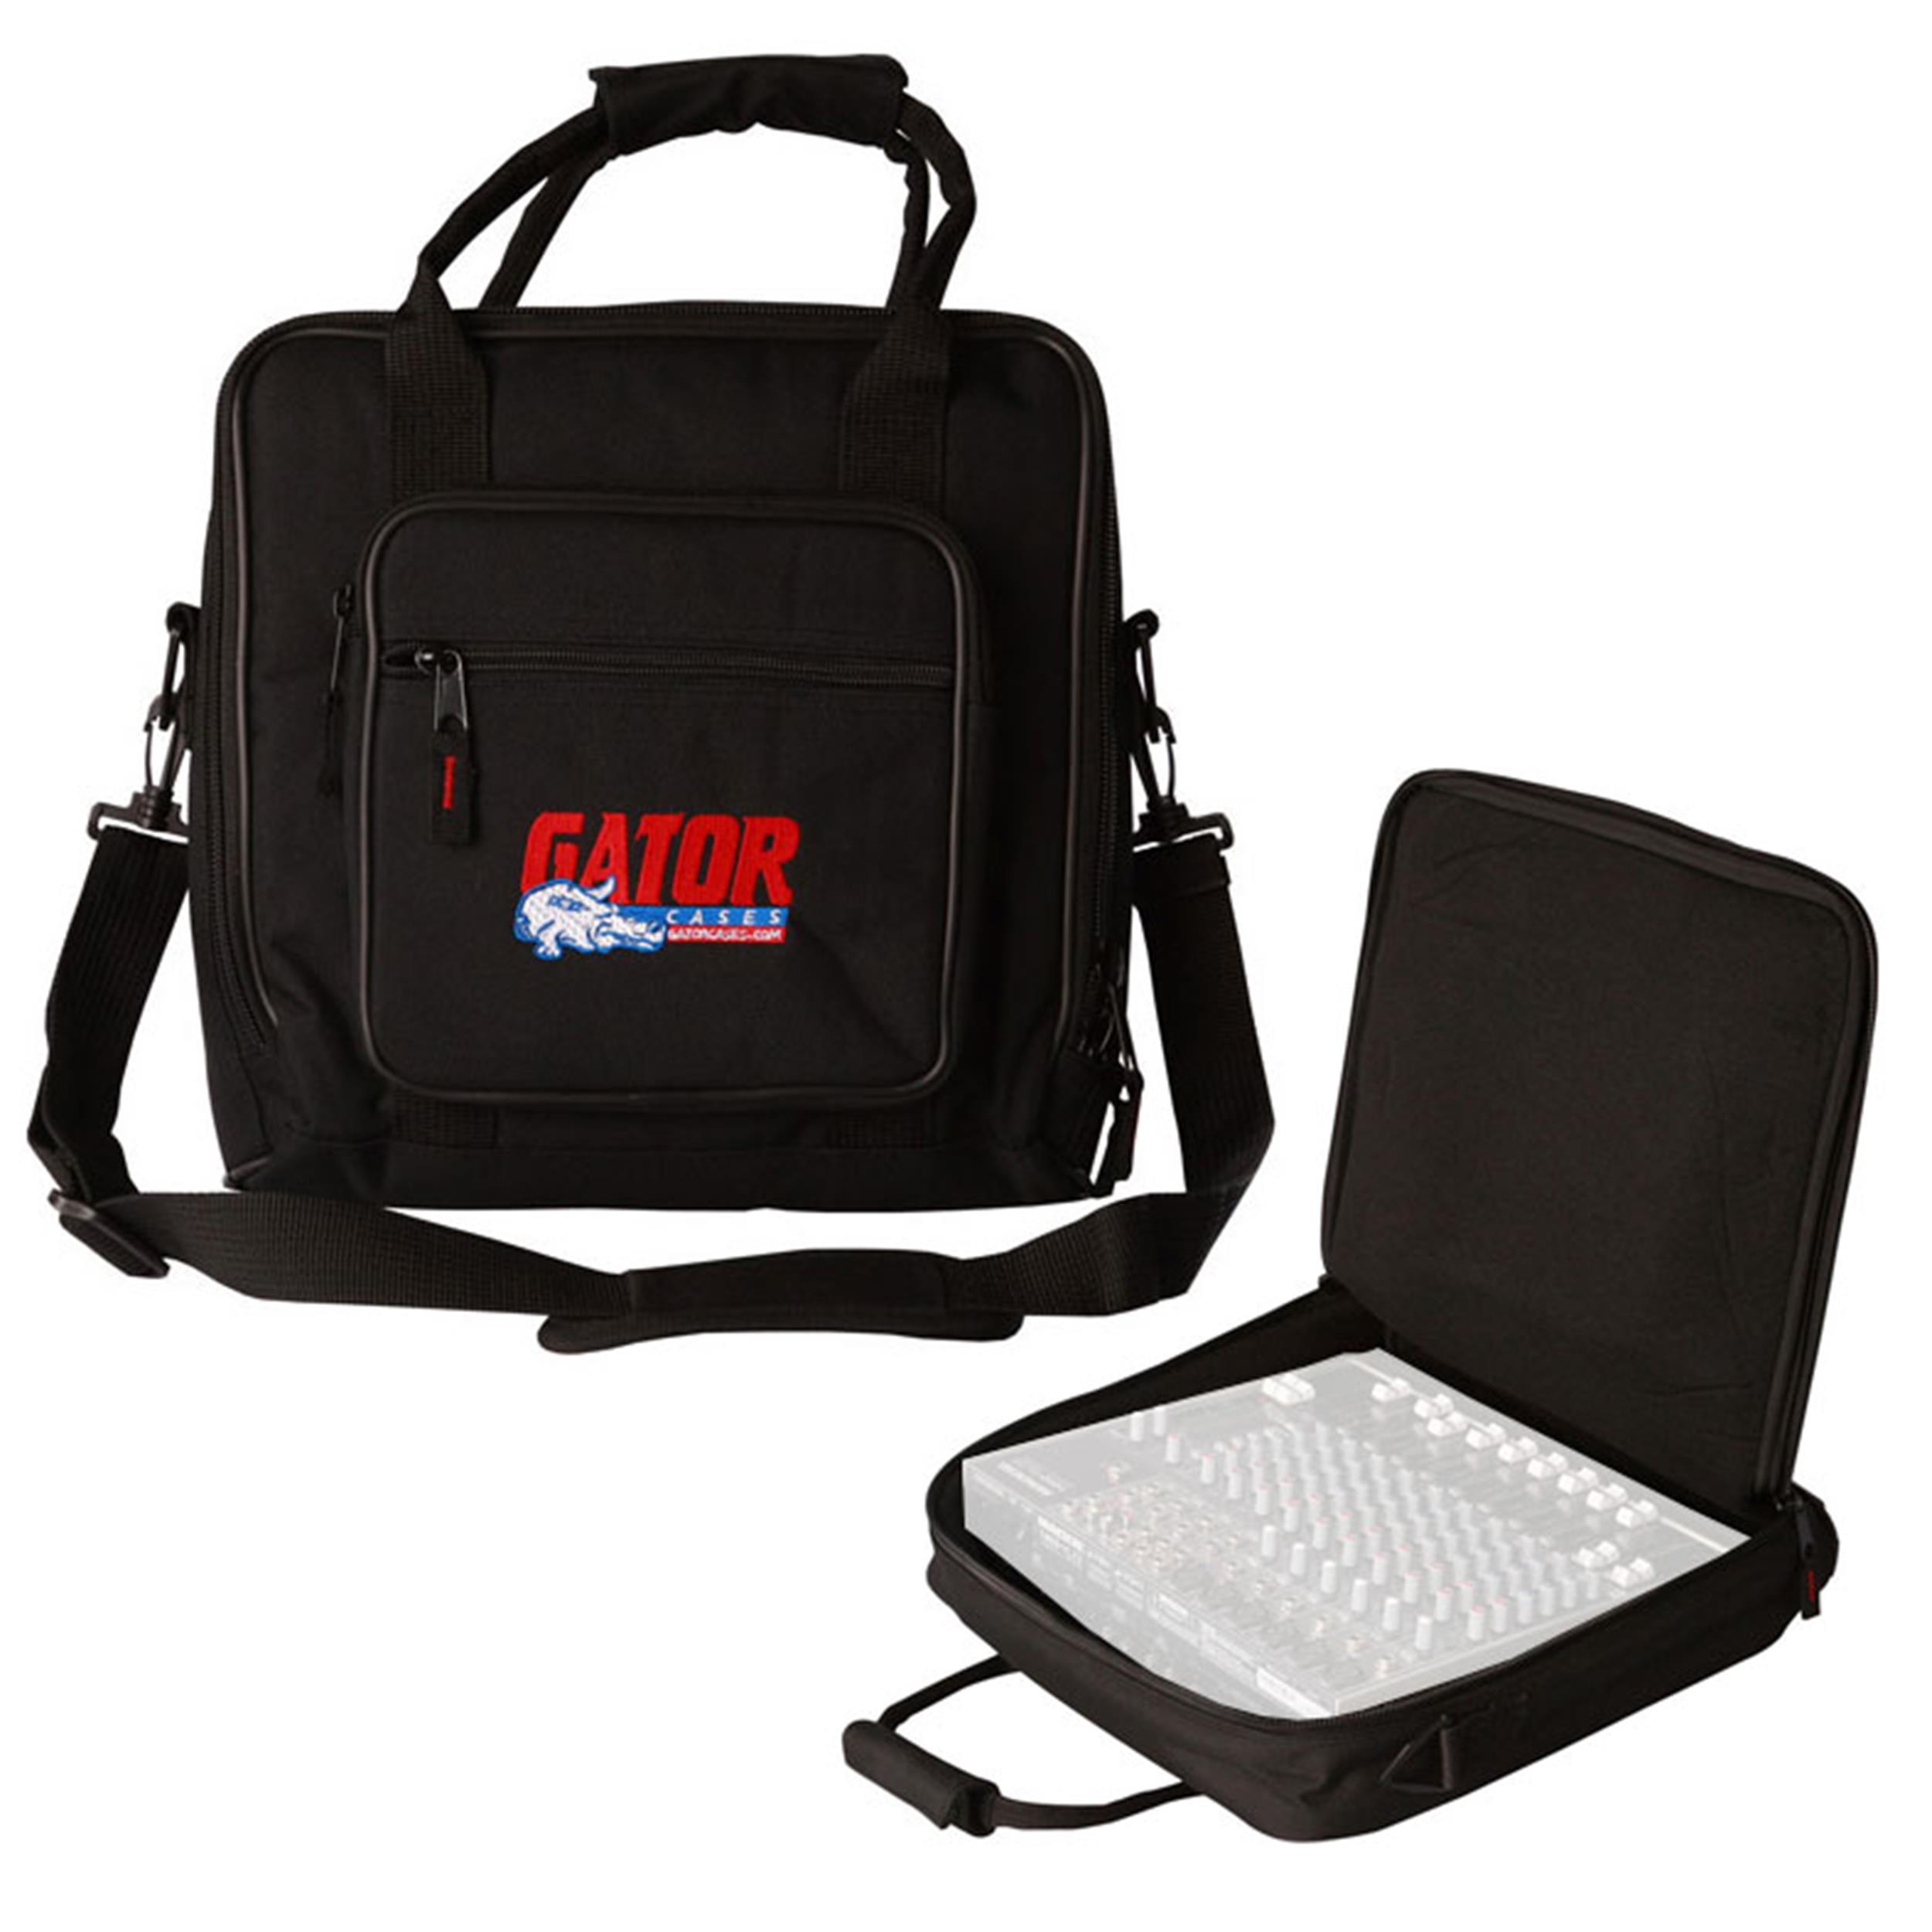 Gator-Cases-G-MIXERBAG-2020-borsa-per-mixer-sku-2758742422018